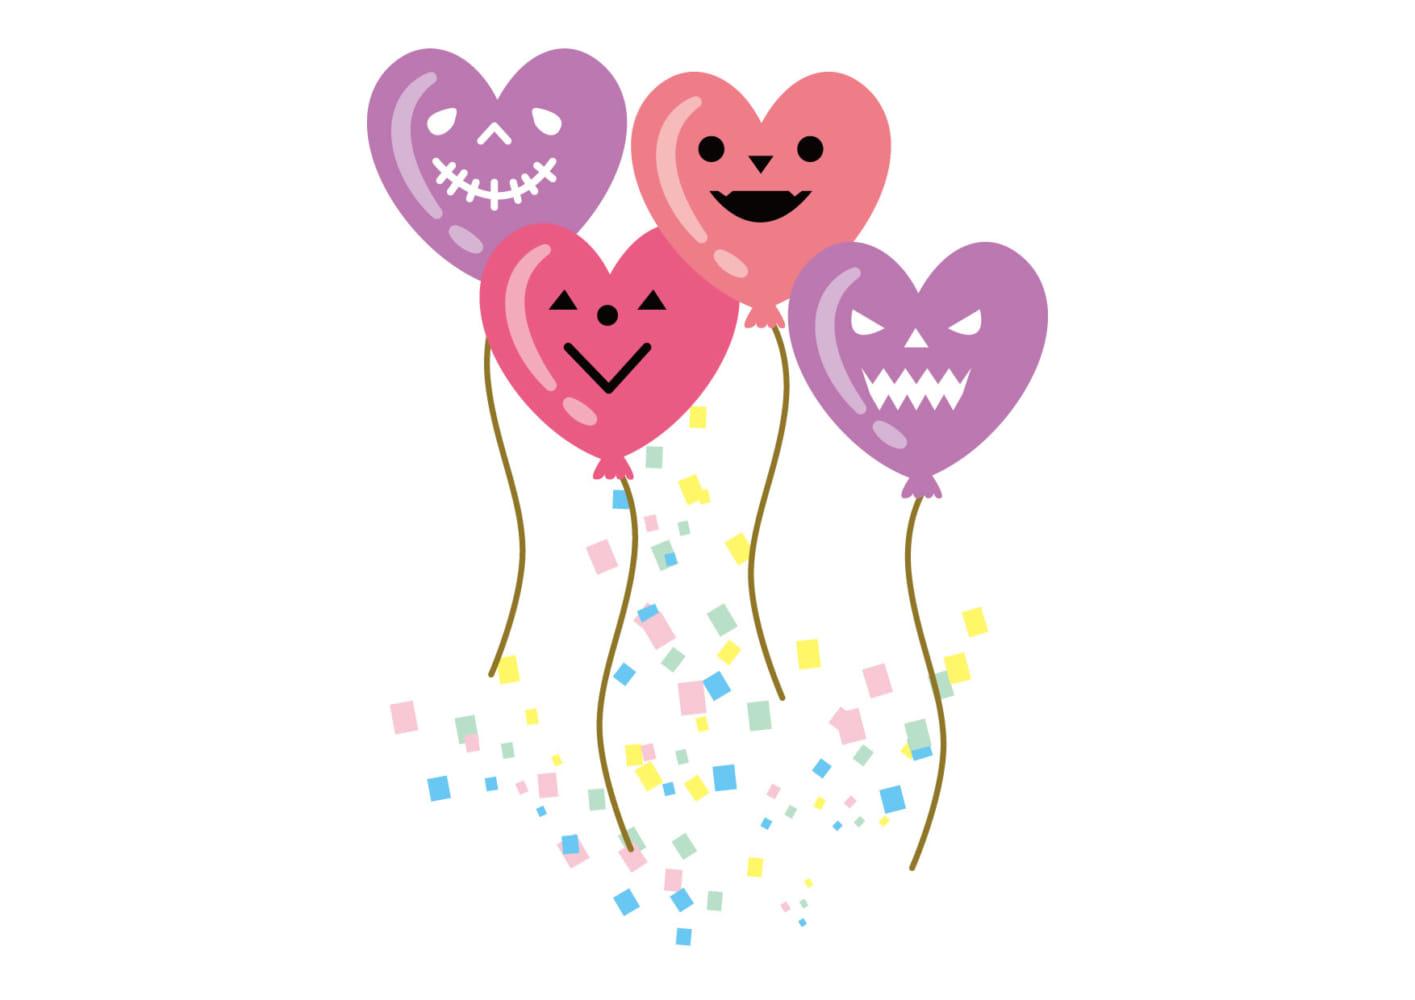 ハロウィン 風船 紙吹雪 ハート ピンク 紫 イラスト 無料